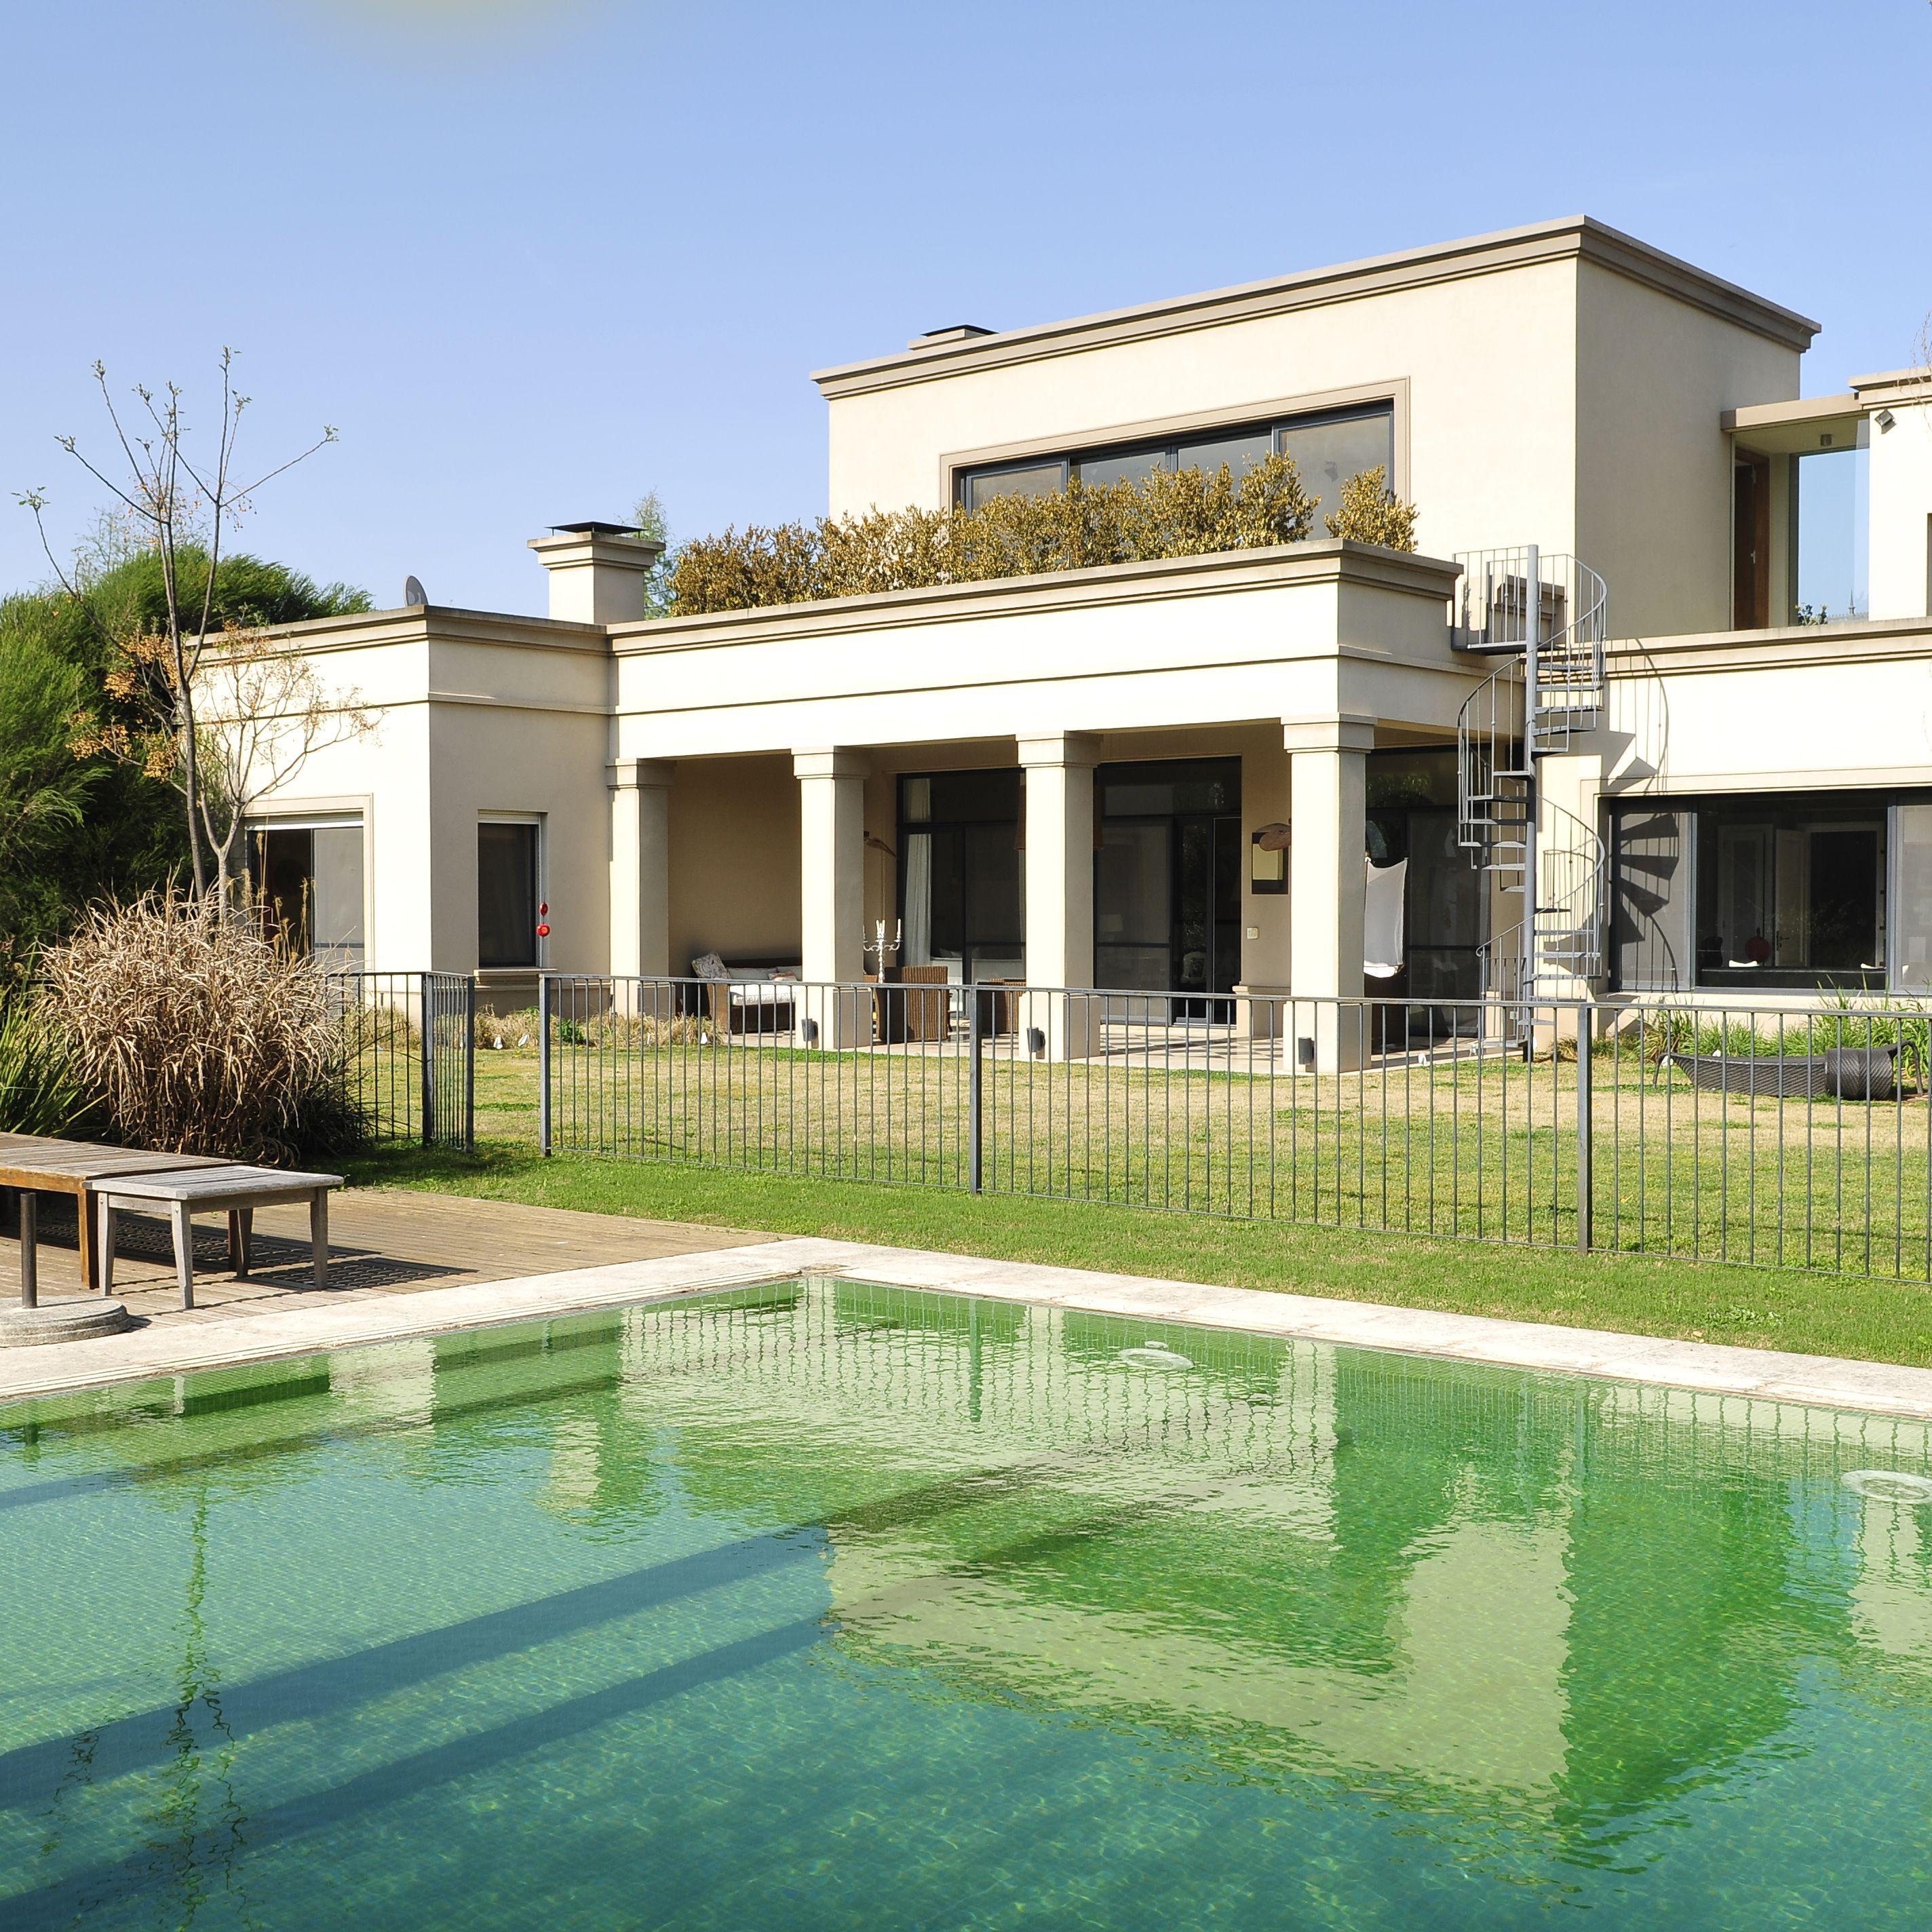 Resultado de imagen para pereyra iraola valls arquitectos casas lindas pinterest - Arquitectos casas modernas ...